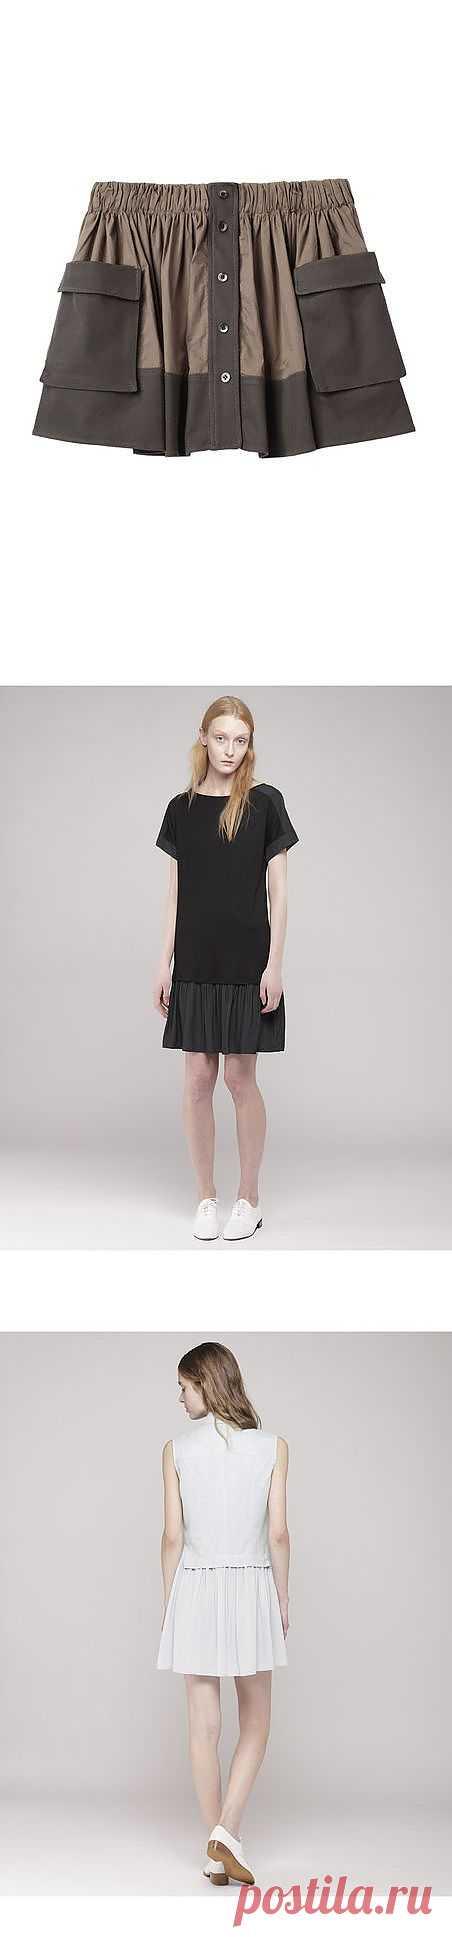 Детали Thakoon (подборка) / Дизайнеры / Модный сайт о стильной переделке одежды и интерьера